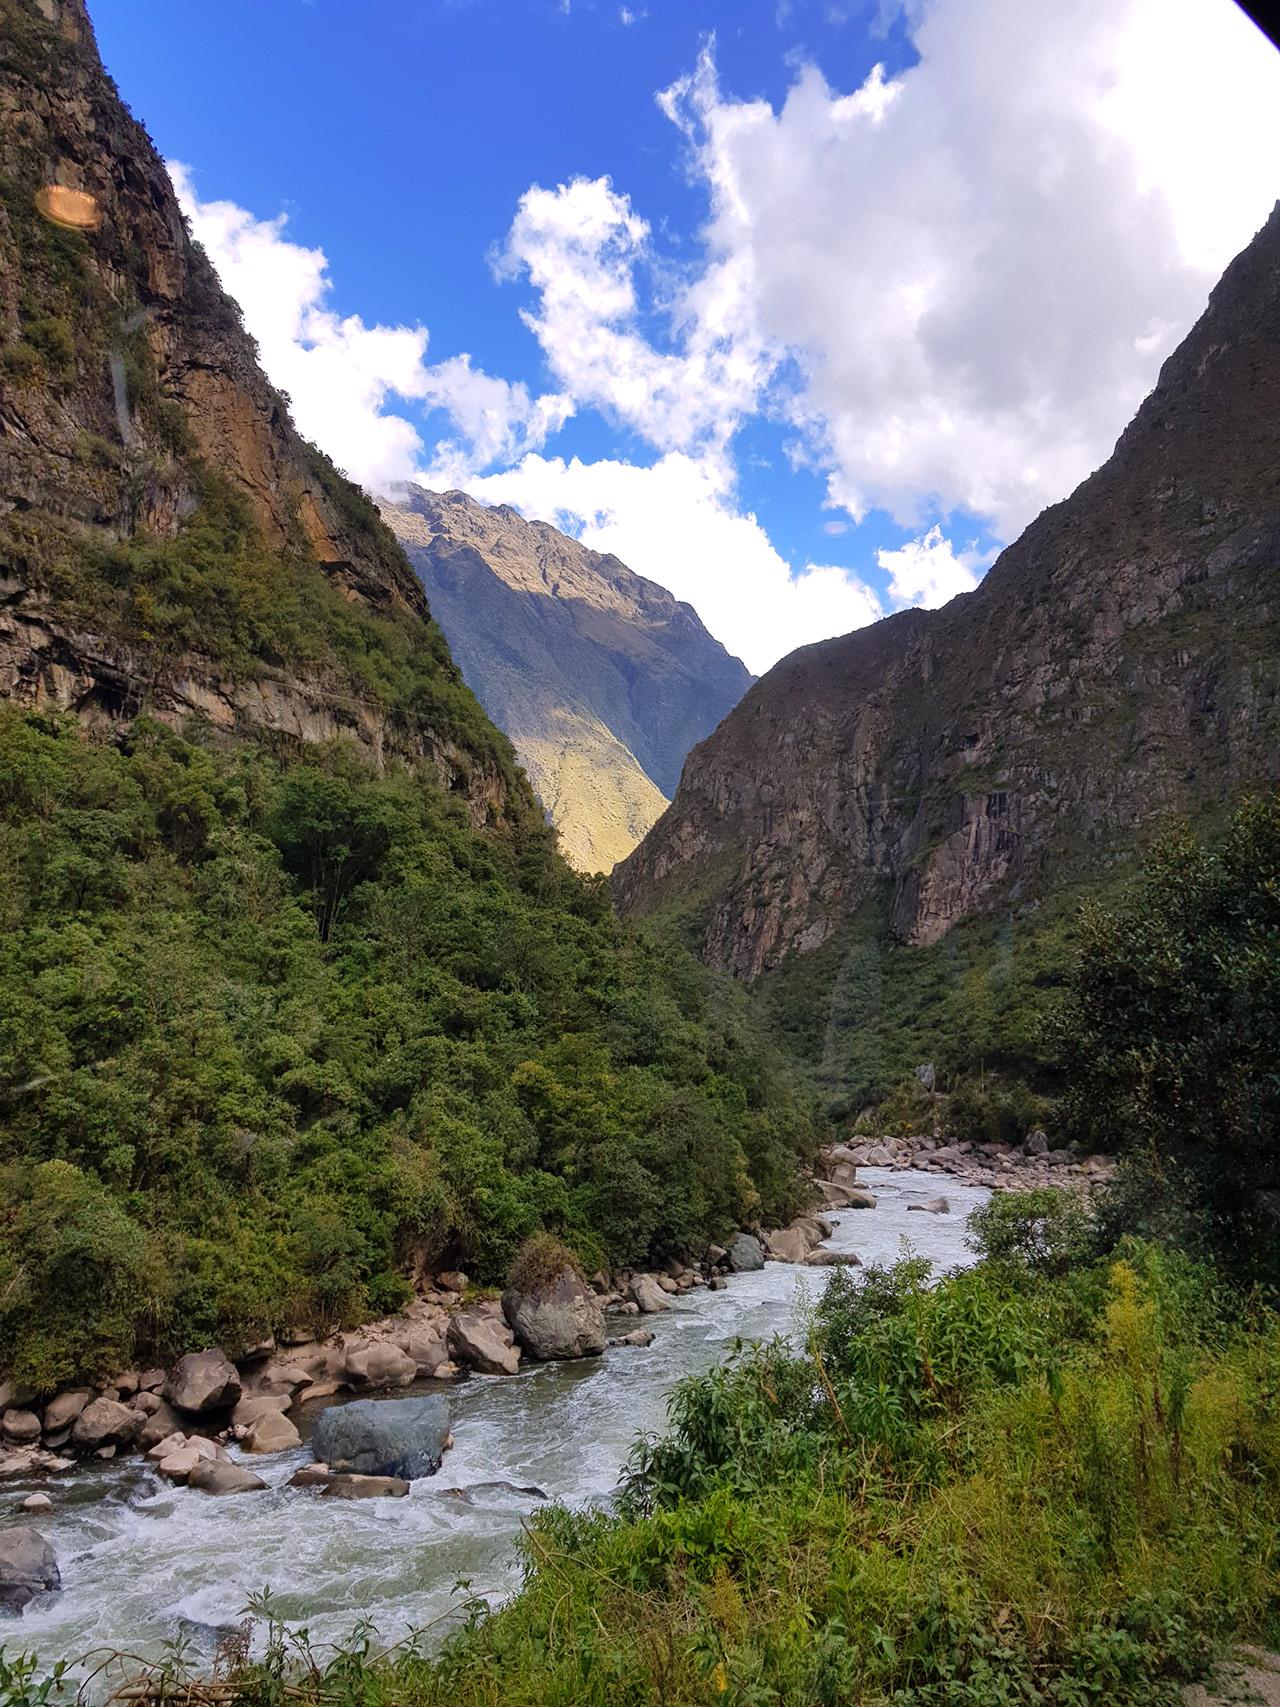 aguas calientes machu picchu pueblo perurail peru aguas calientes - aguas calientes machu picchu pueblo perurail peru 01 - Aguas Calientes, el extraño pueblo de Machu Picchu